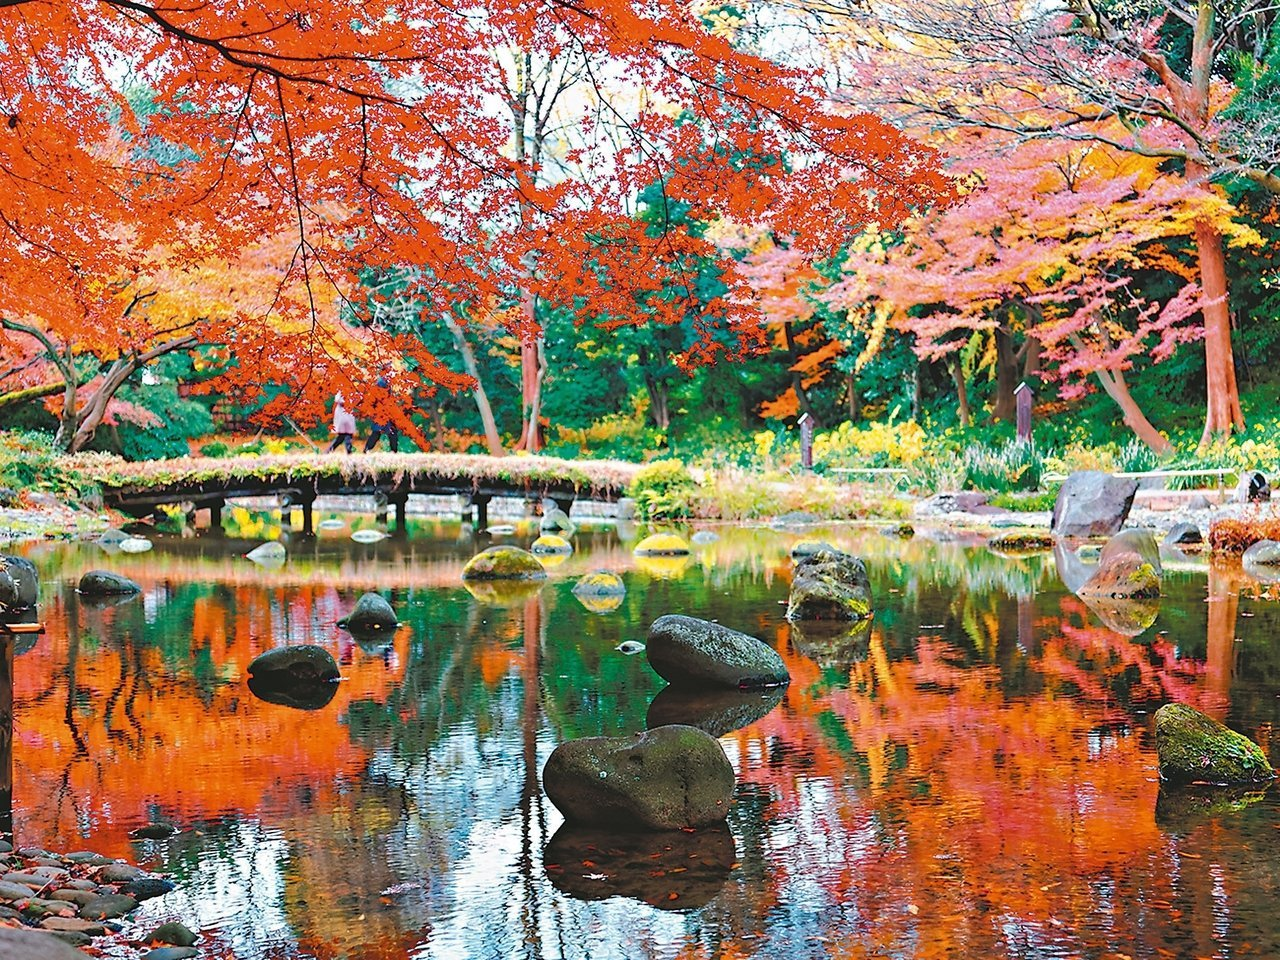 赴日賞楓是國人秋季最喜愛的主題旅遊。  圖/易遊網提供